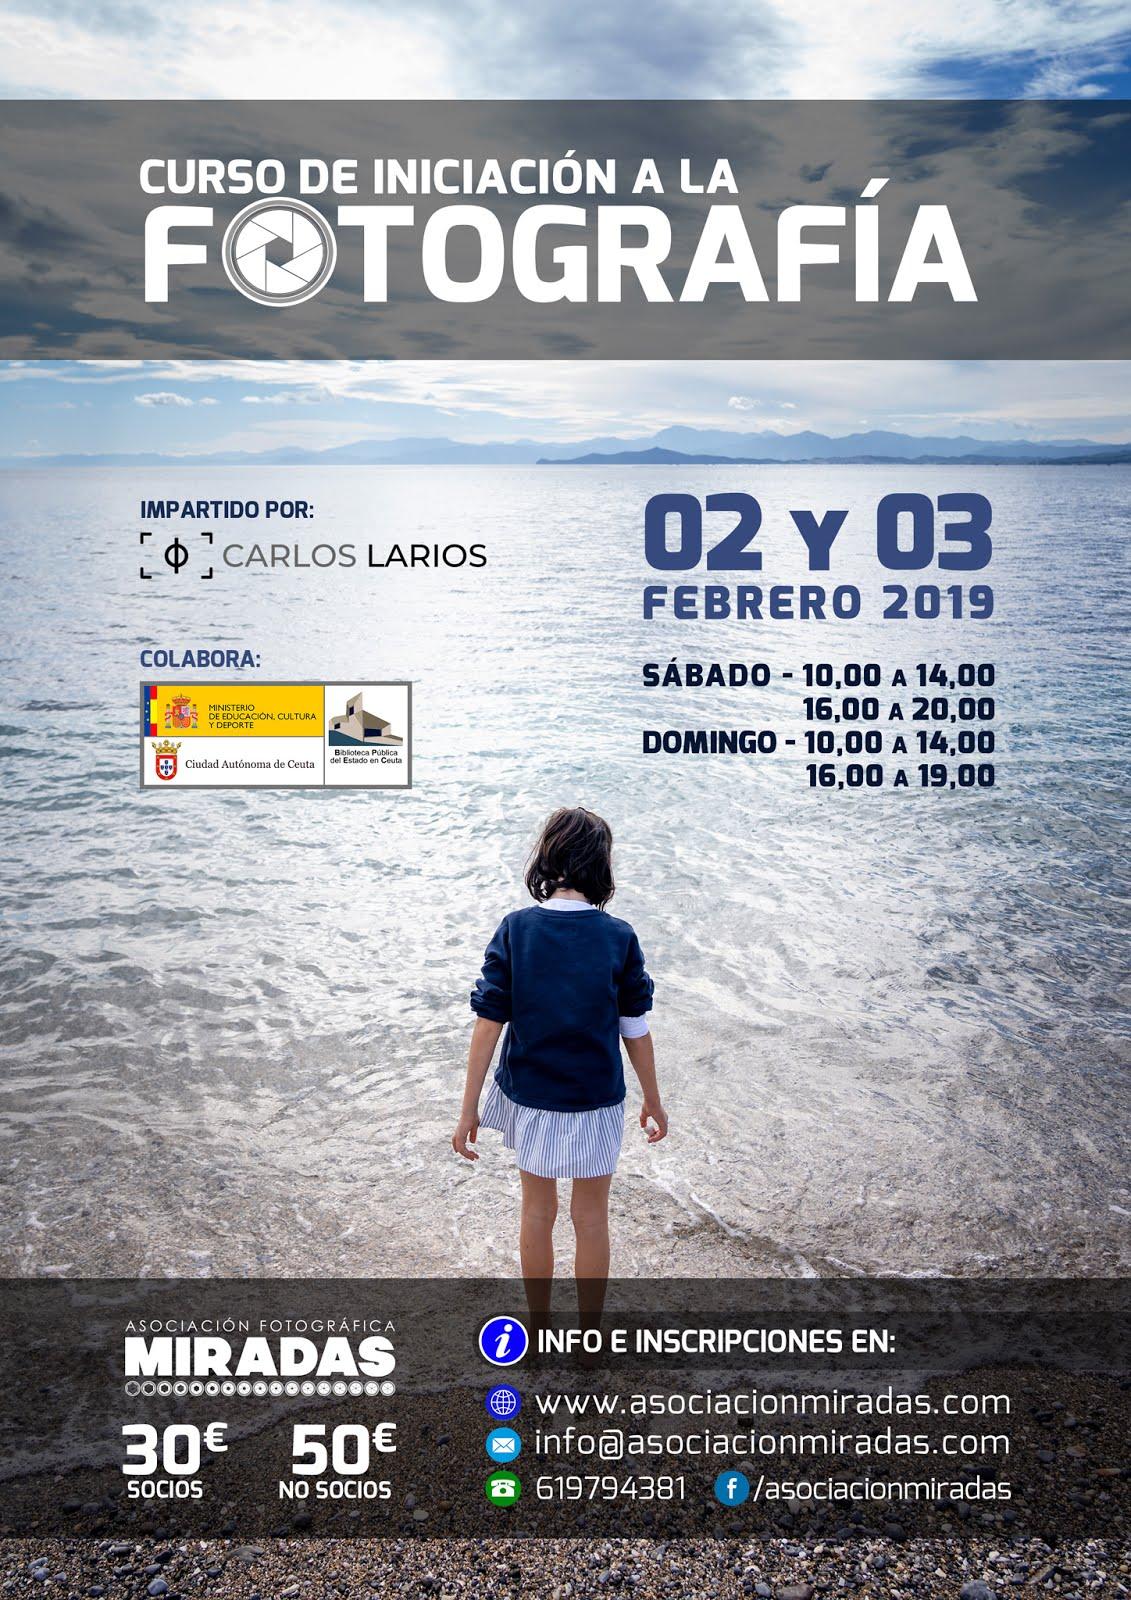 Curso de iniciación a la Fotografía